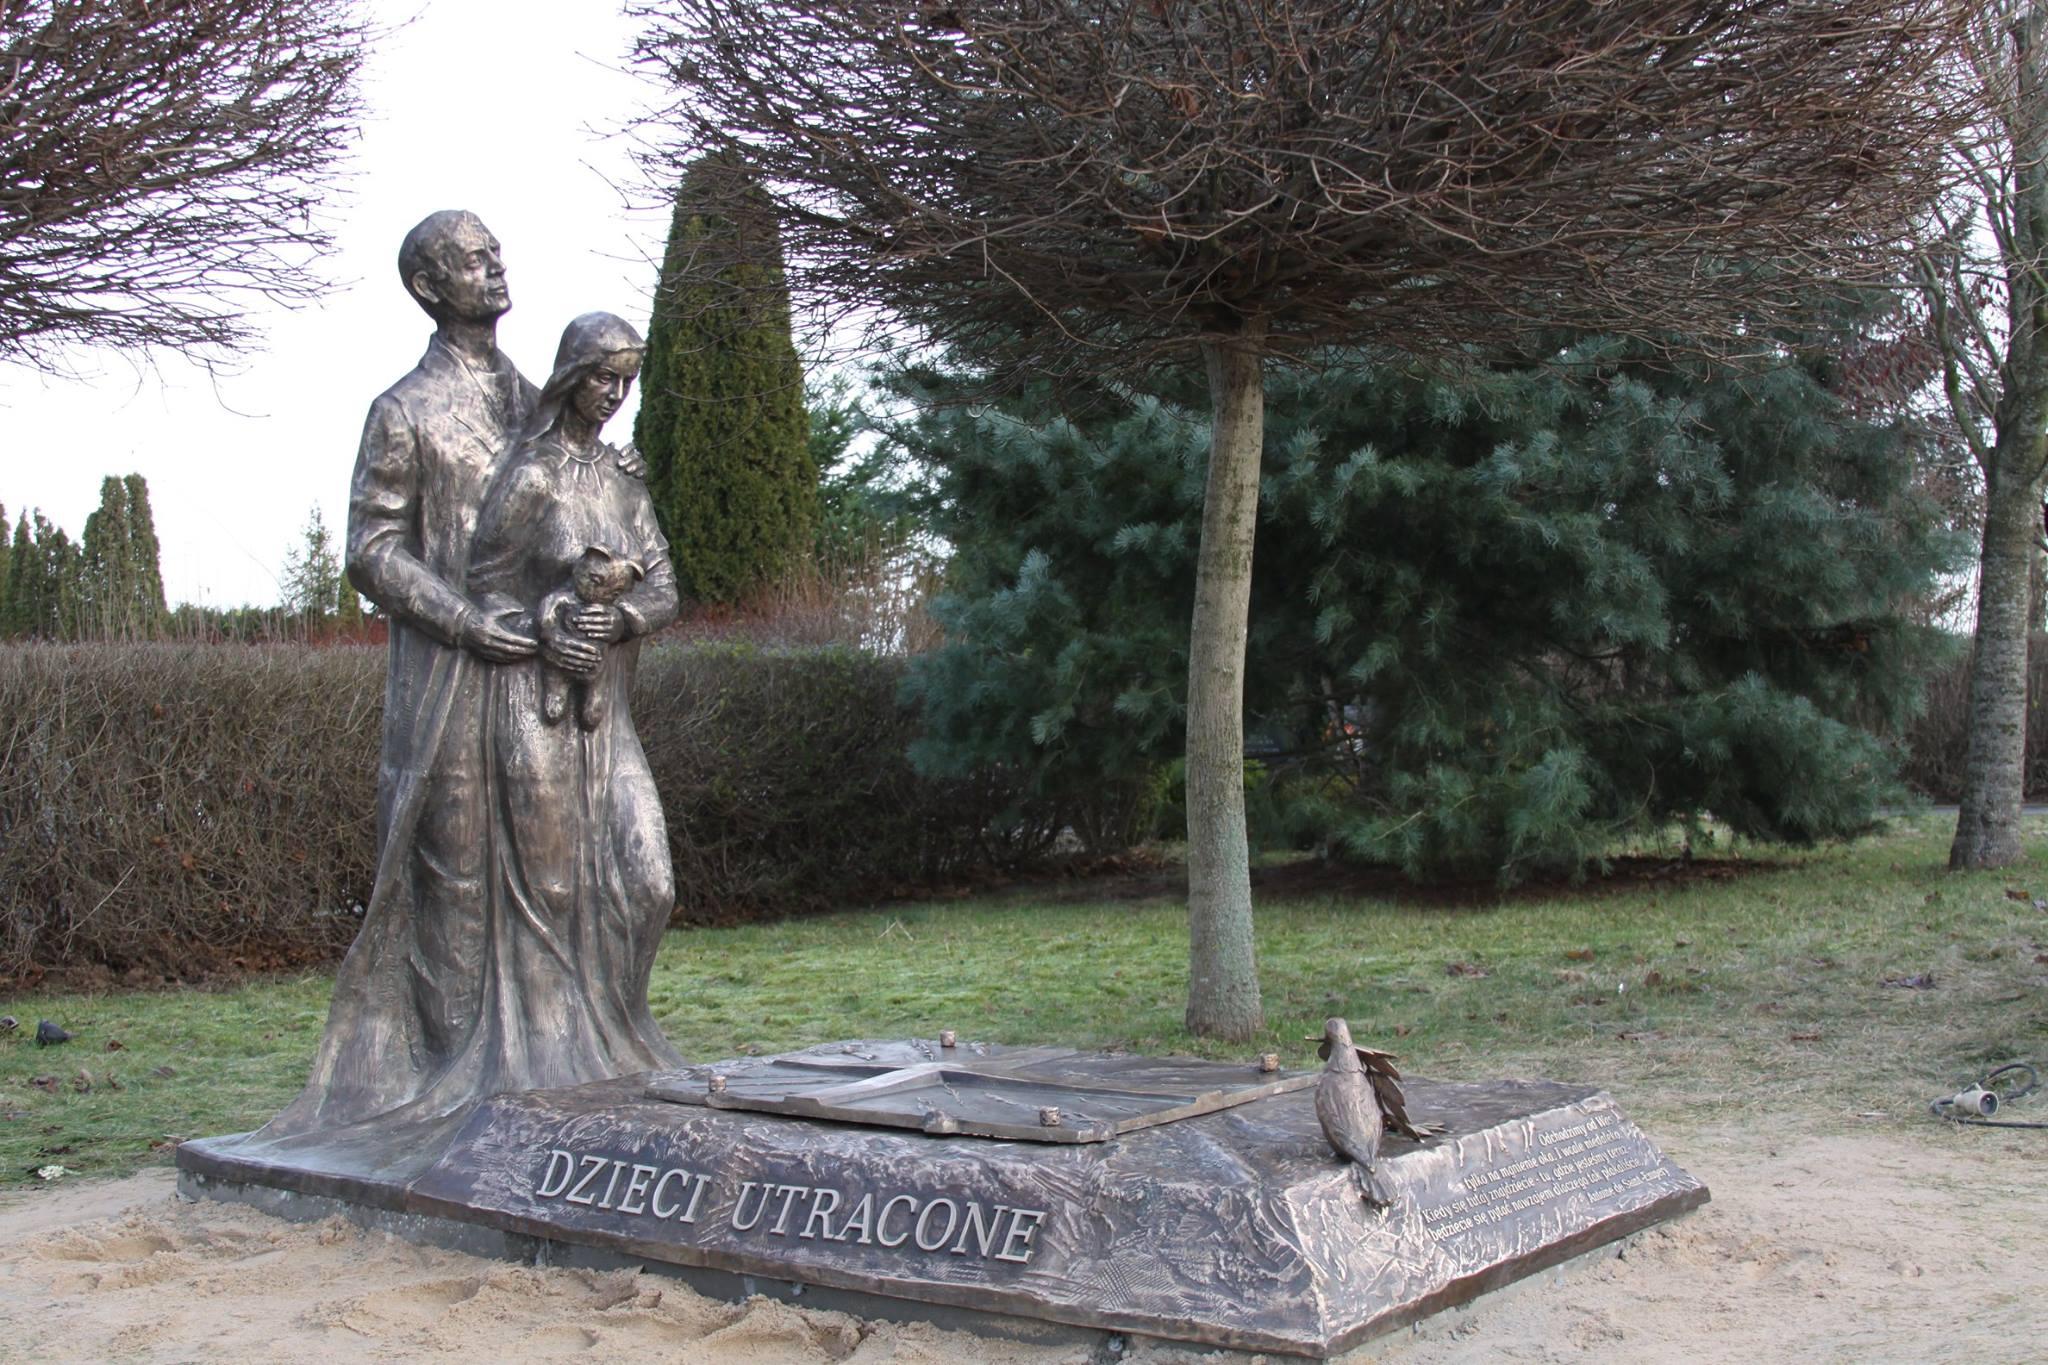 Rzeźba do ogrodu - mężczyzna obejmujący kobietę nad grobem